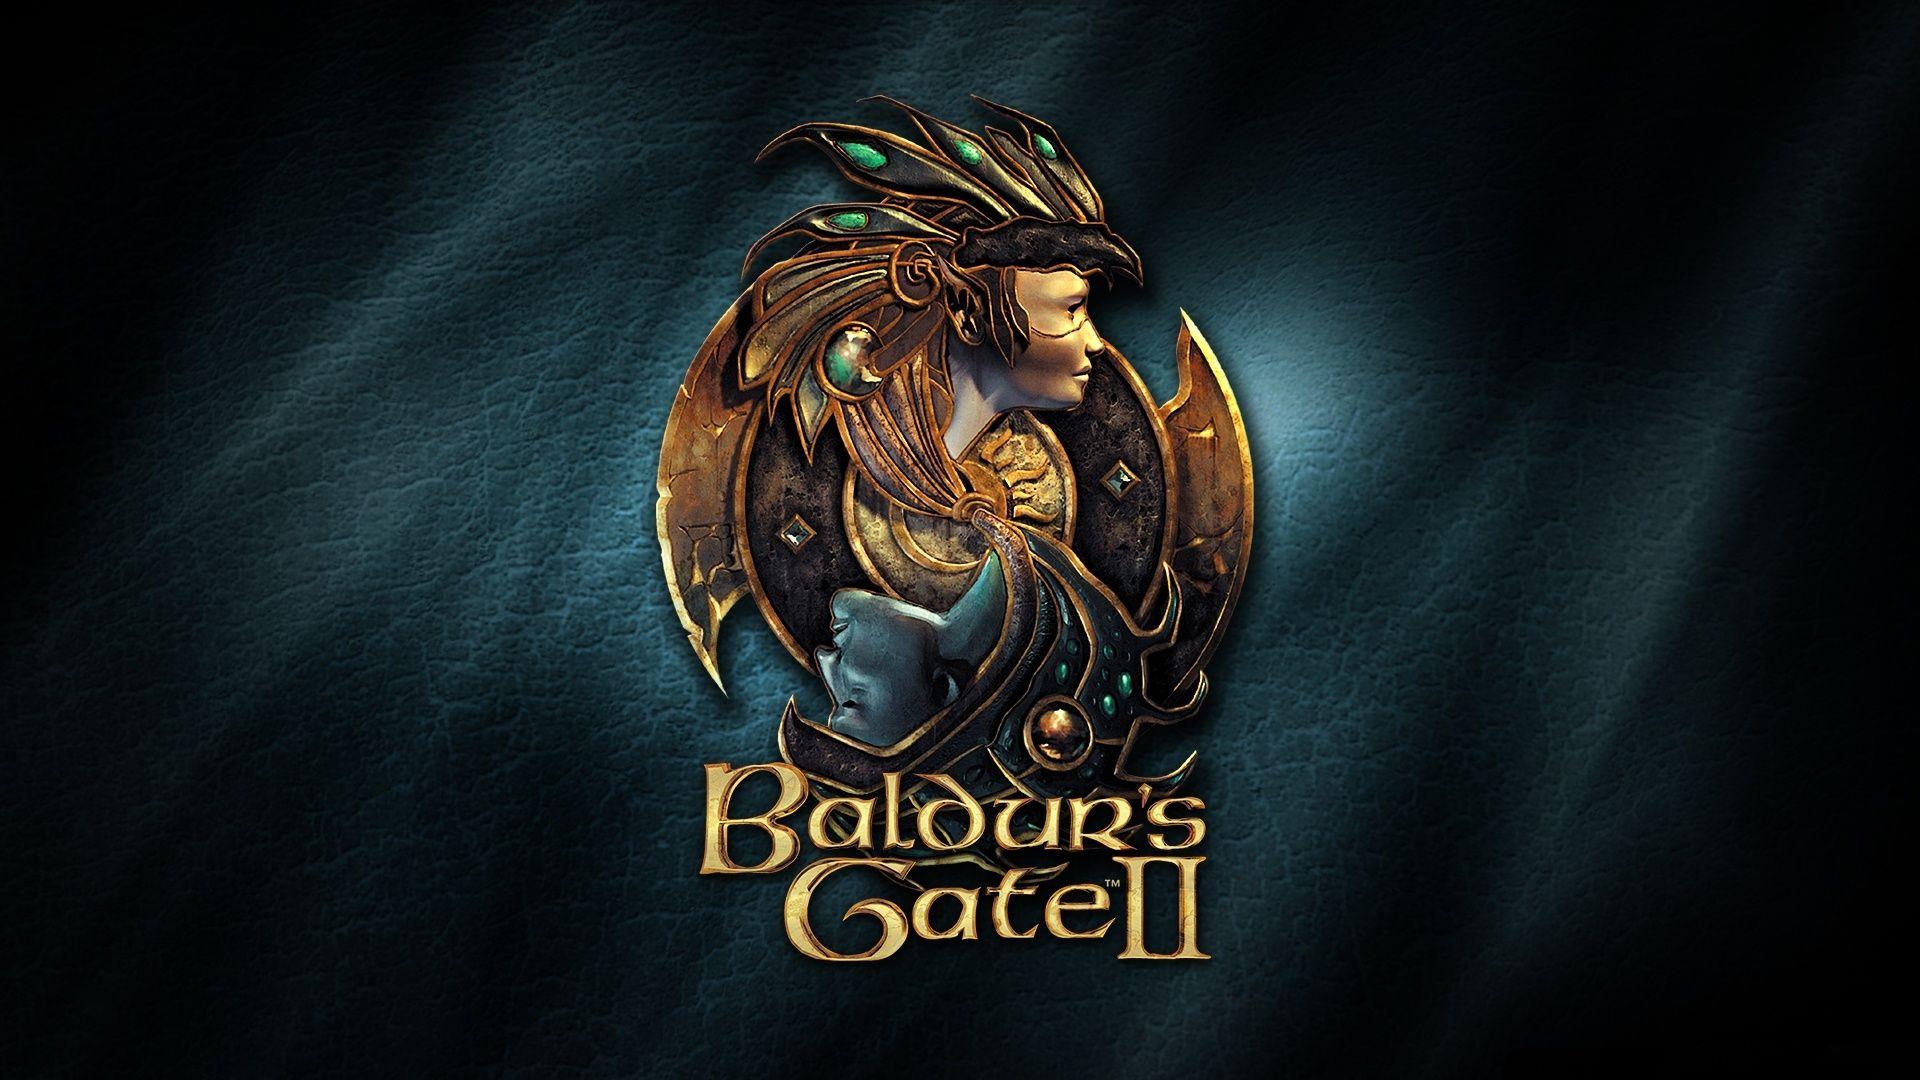 Baldur S Gate Ii Shadows Of Amn Art Baldur S Gate Baldur S